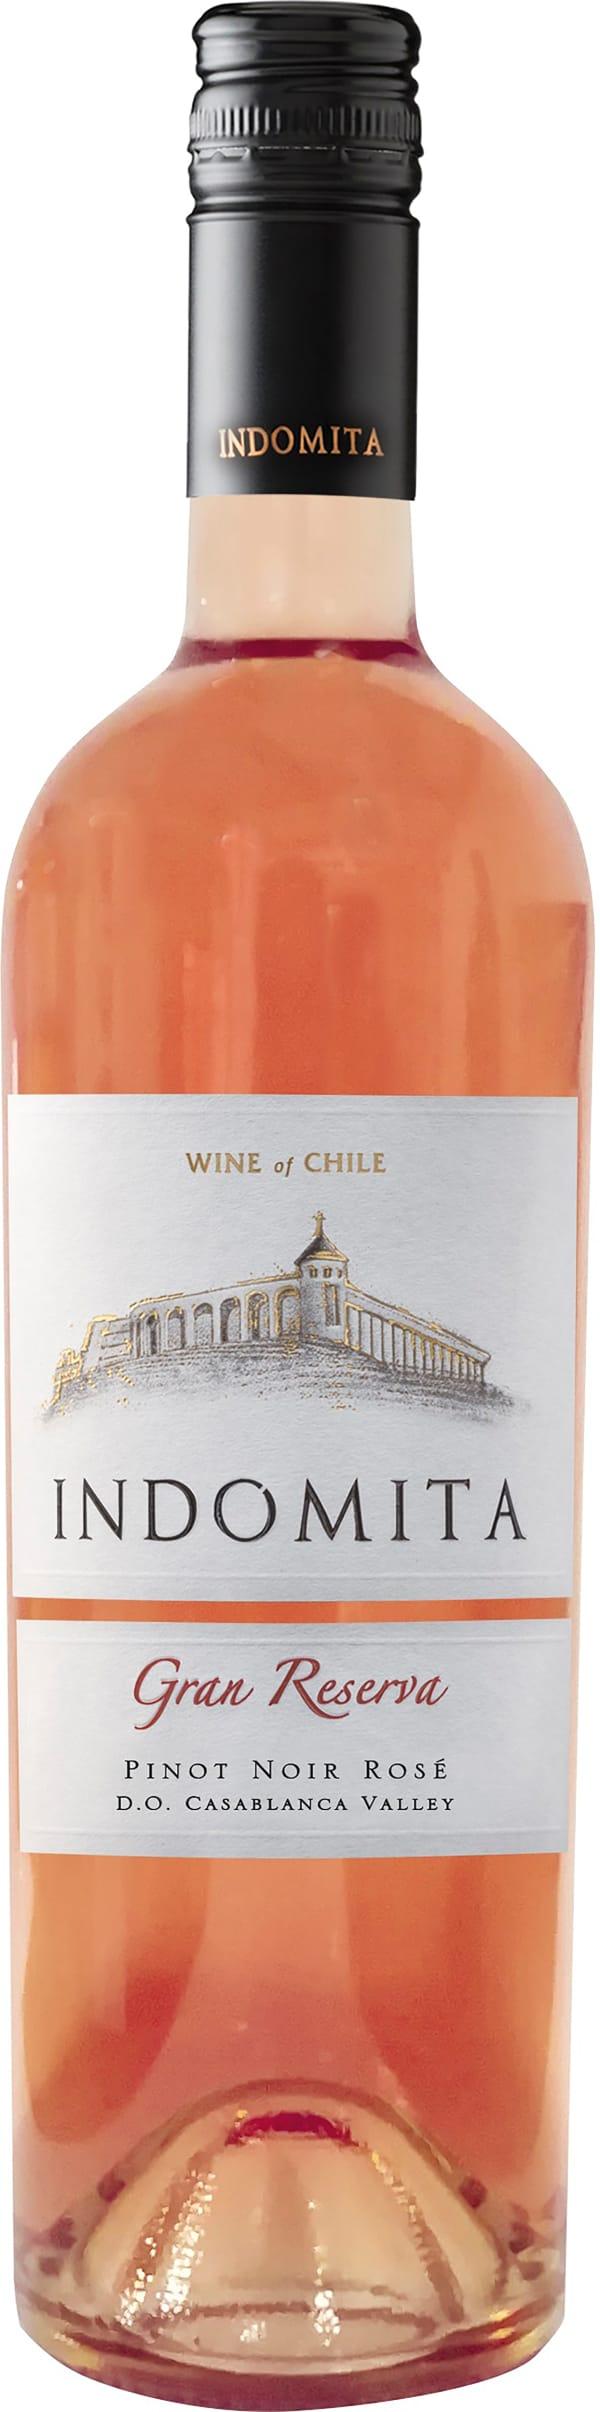 Indomita Gran Reserva Rose Pinot Noir 2019